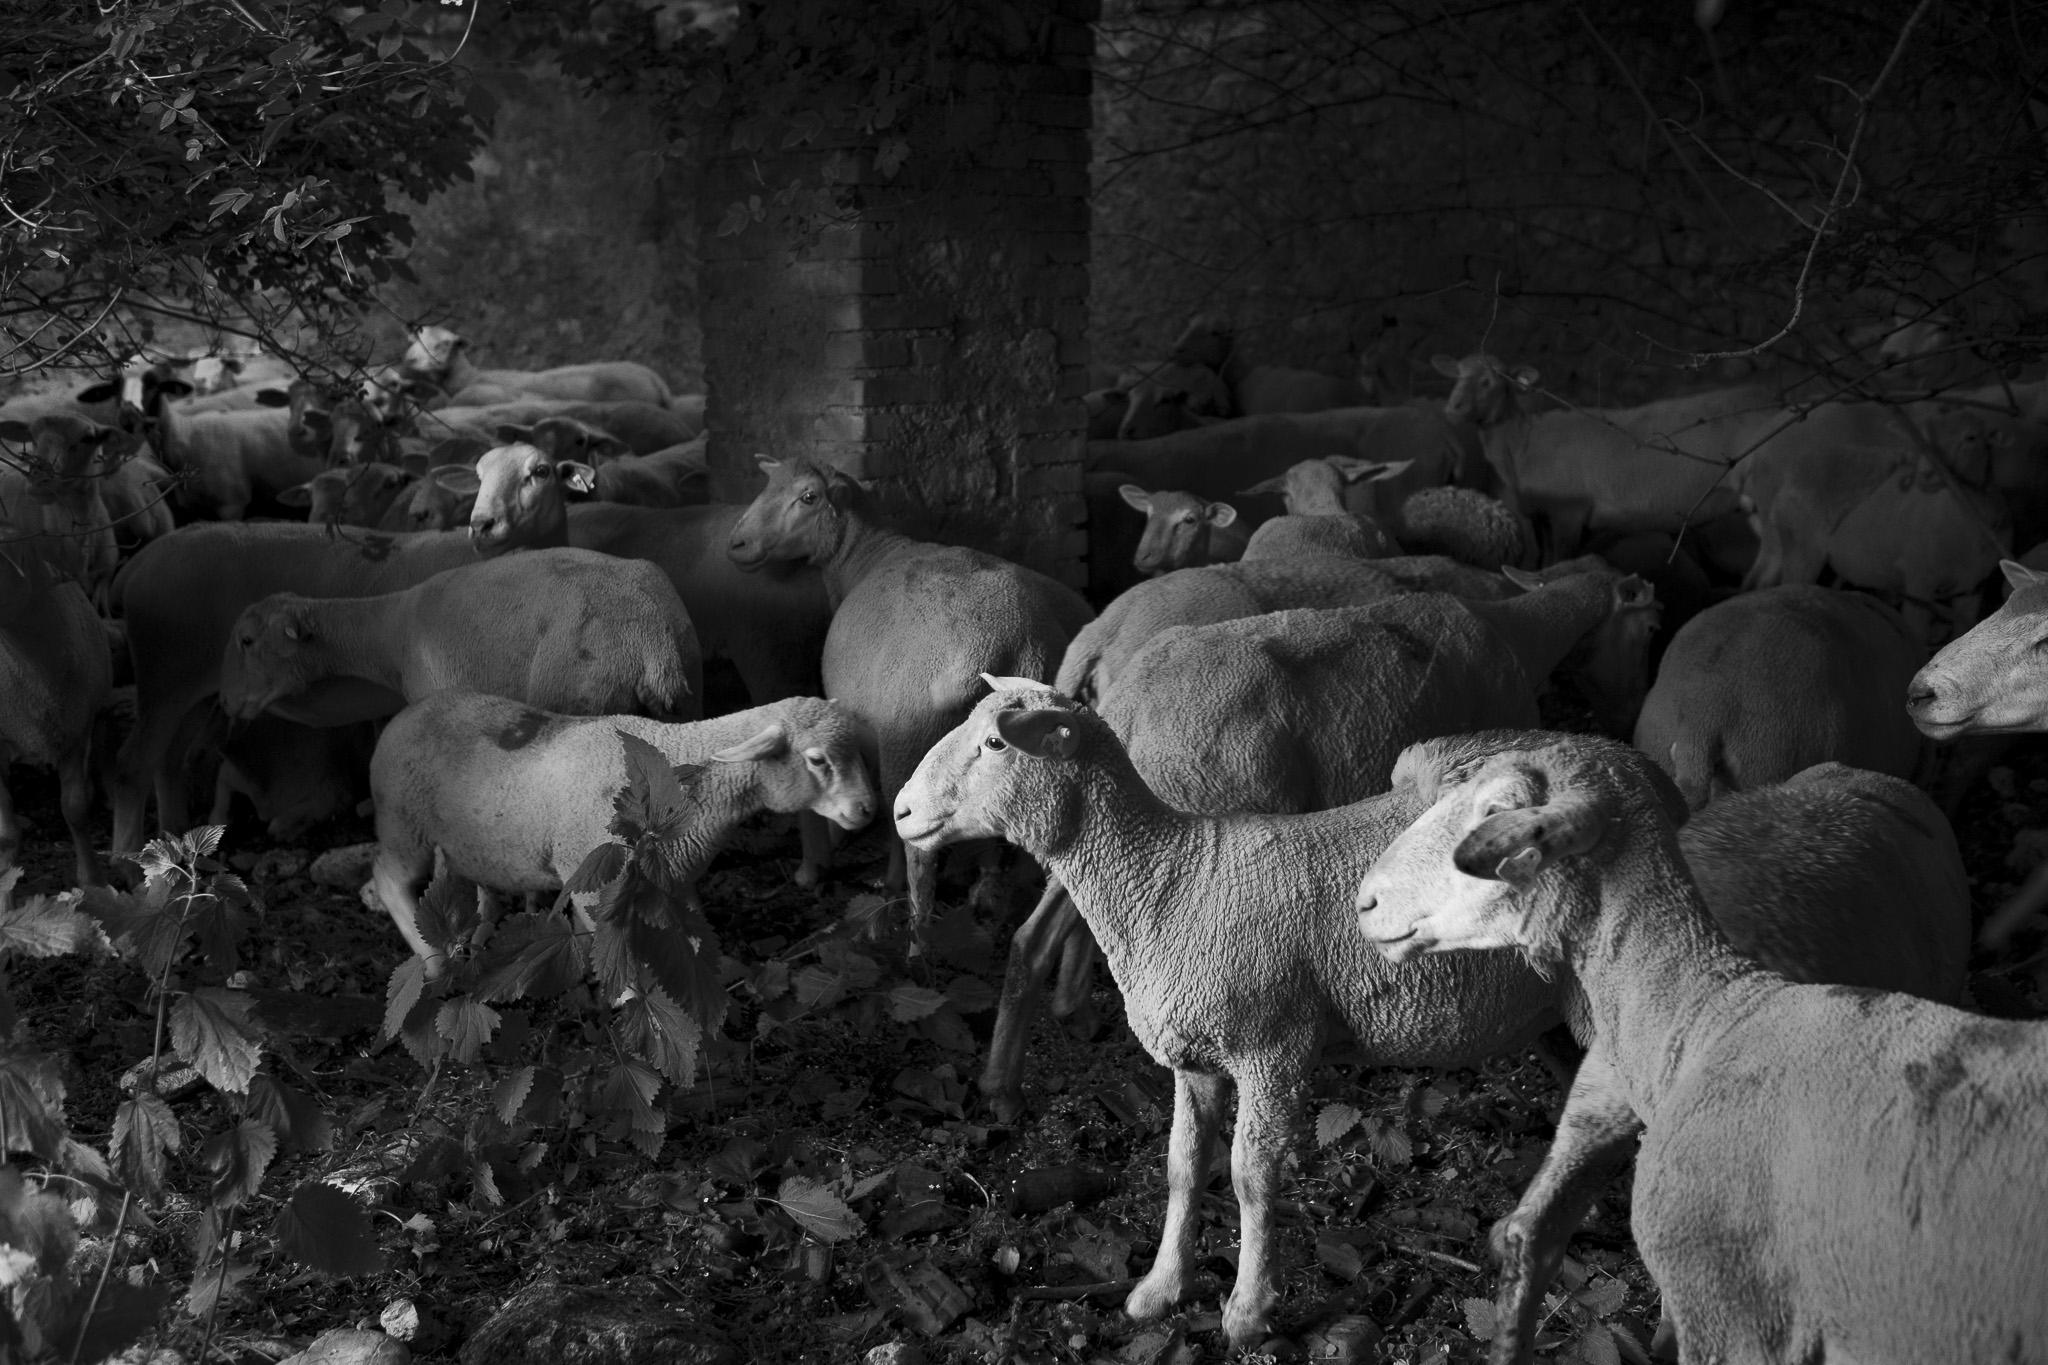 Stalle di Cartore, transumanza - Giulio Burroni